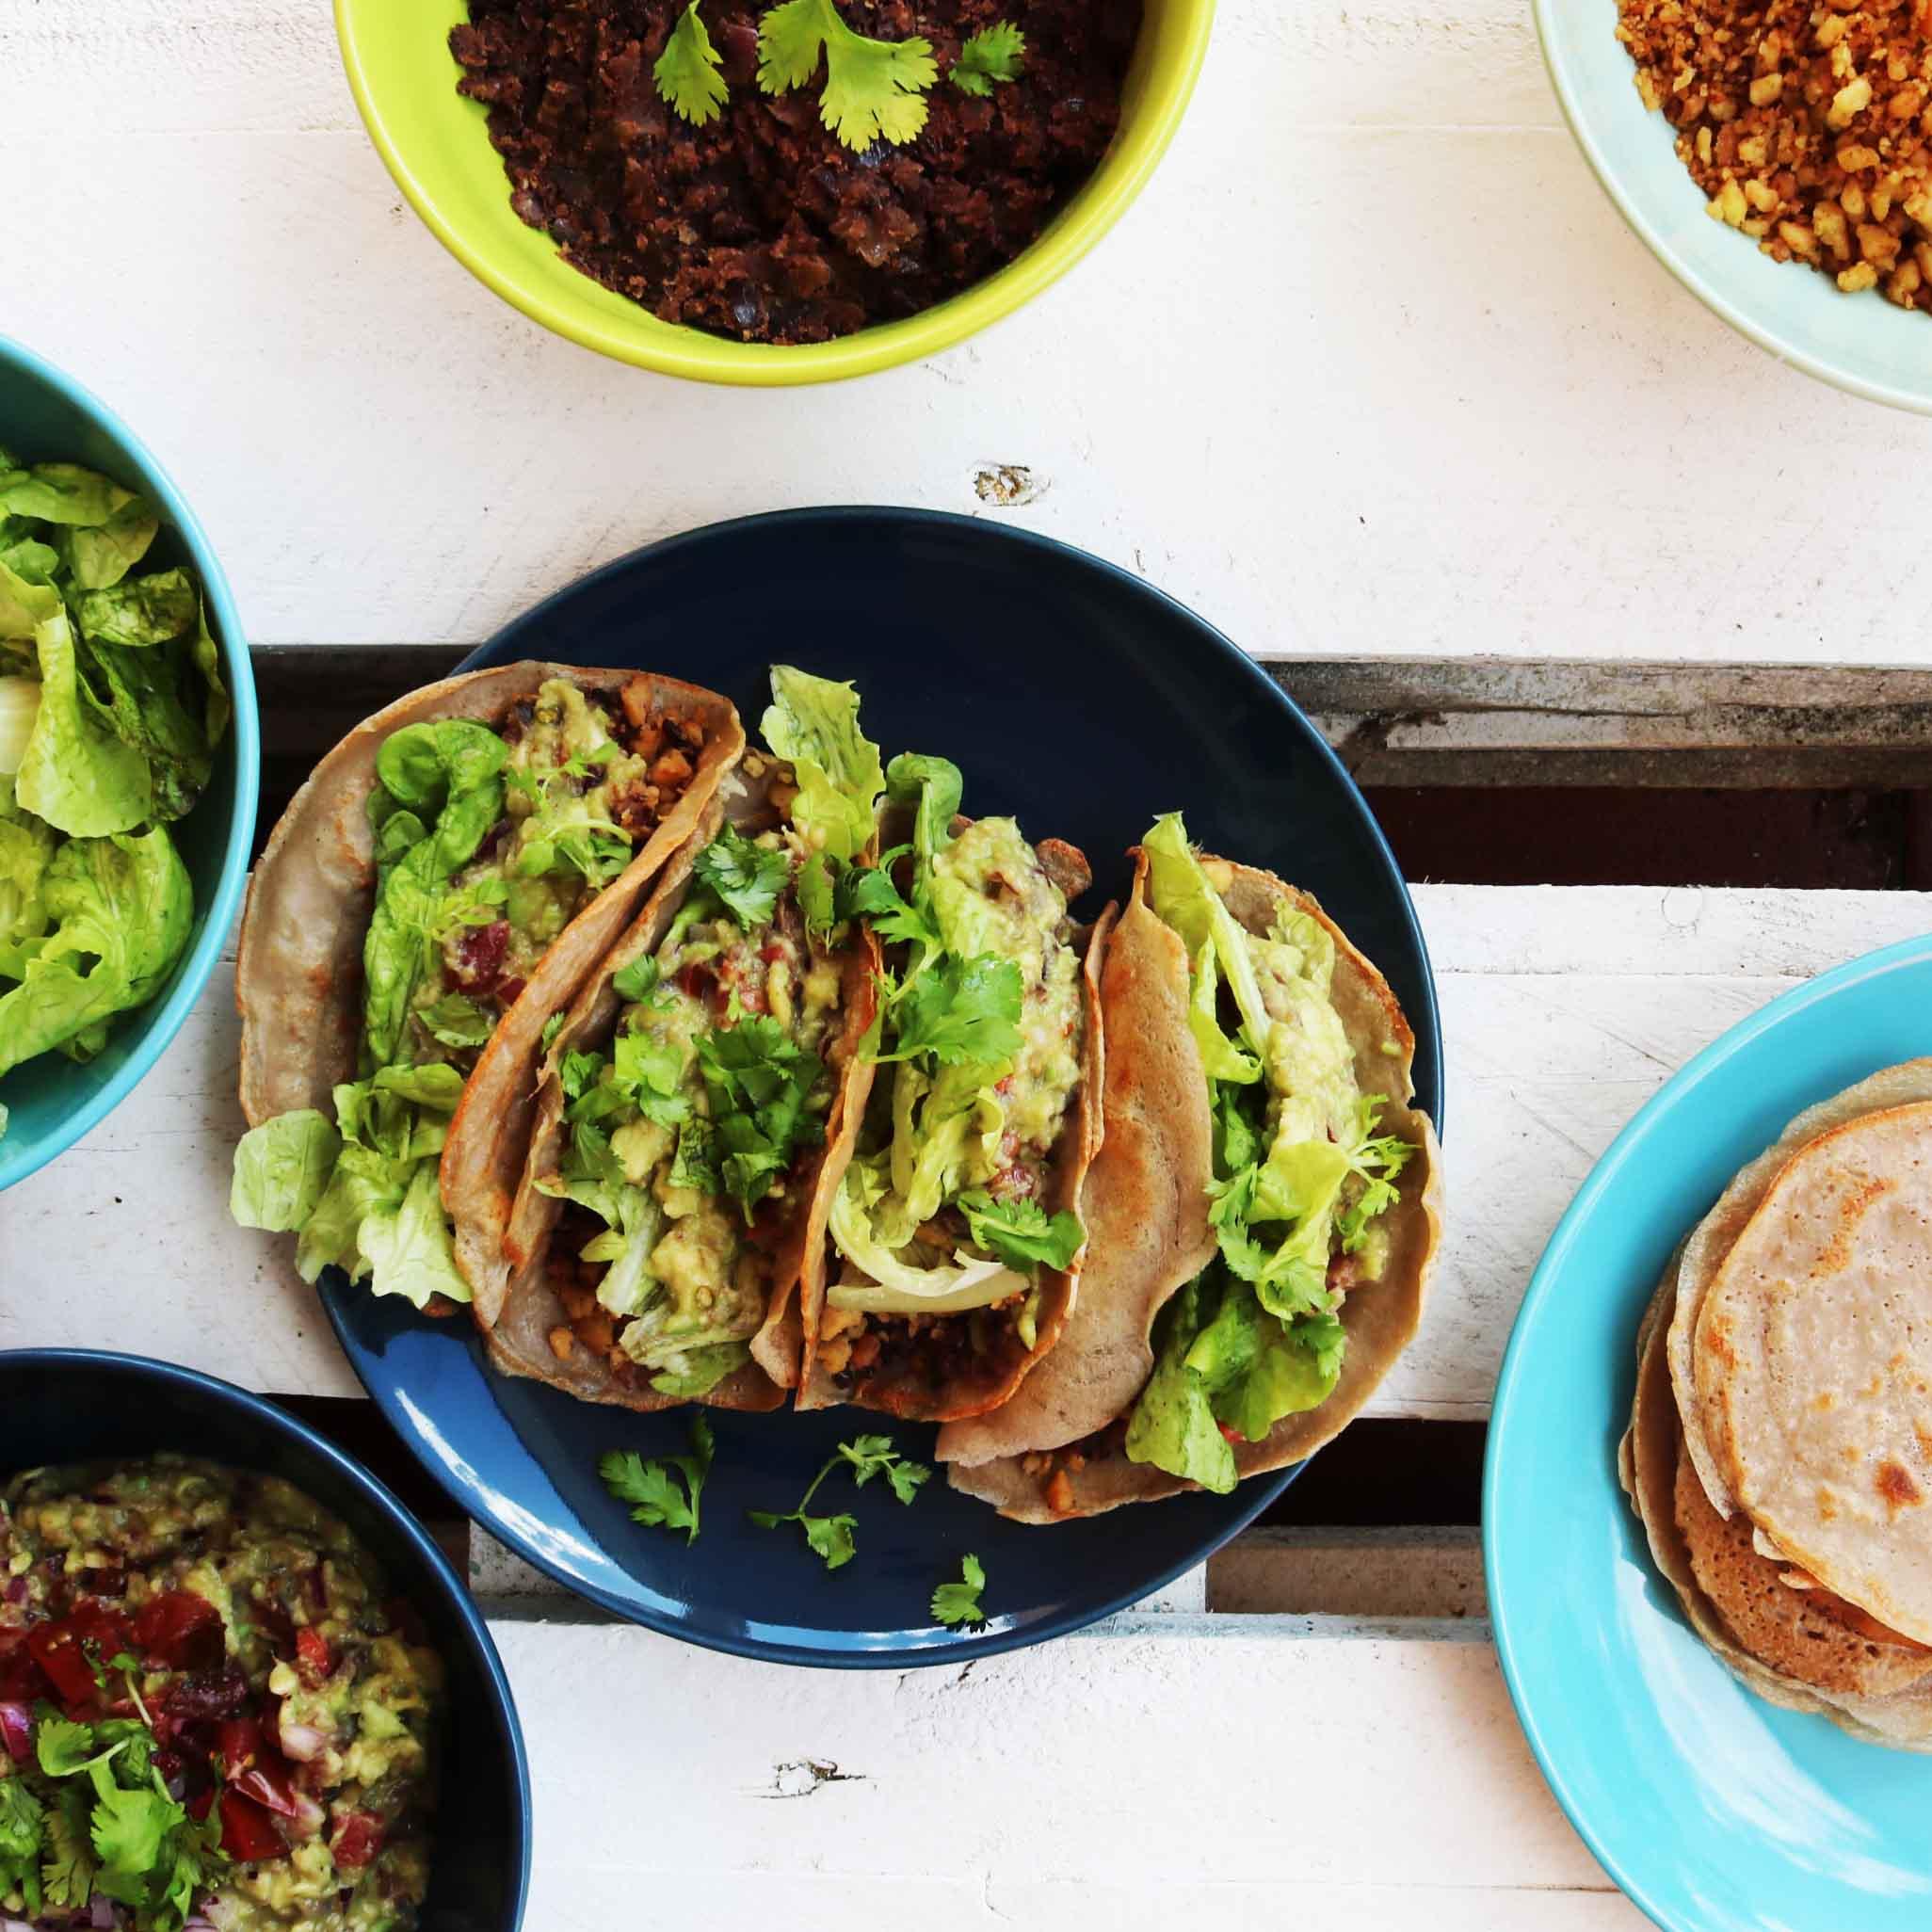 Receta de tacos mejicanos veganos sin gluten